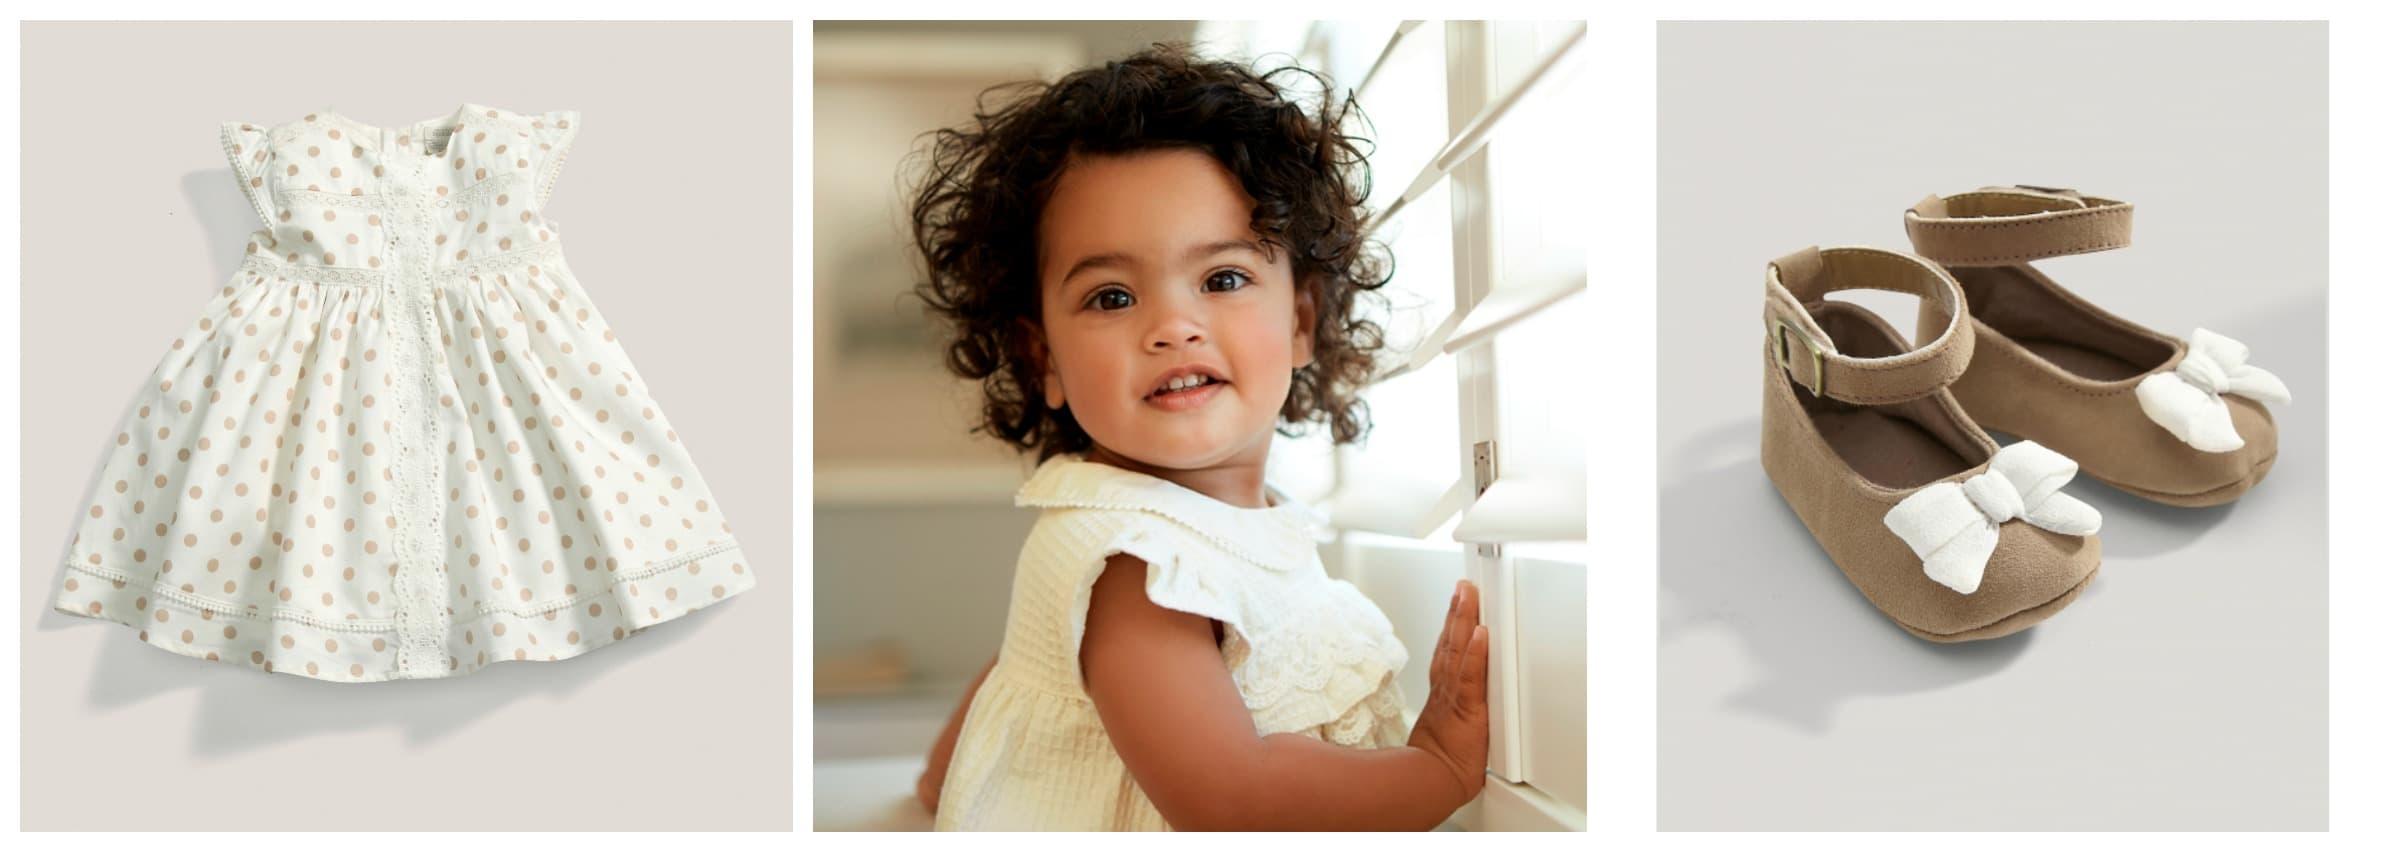 A legszebb alkalmi ruhák kicsiknek és nagyoknak! - Mamas and Papas c3834745c6